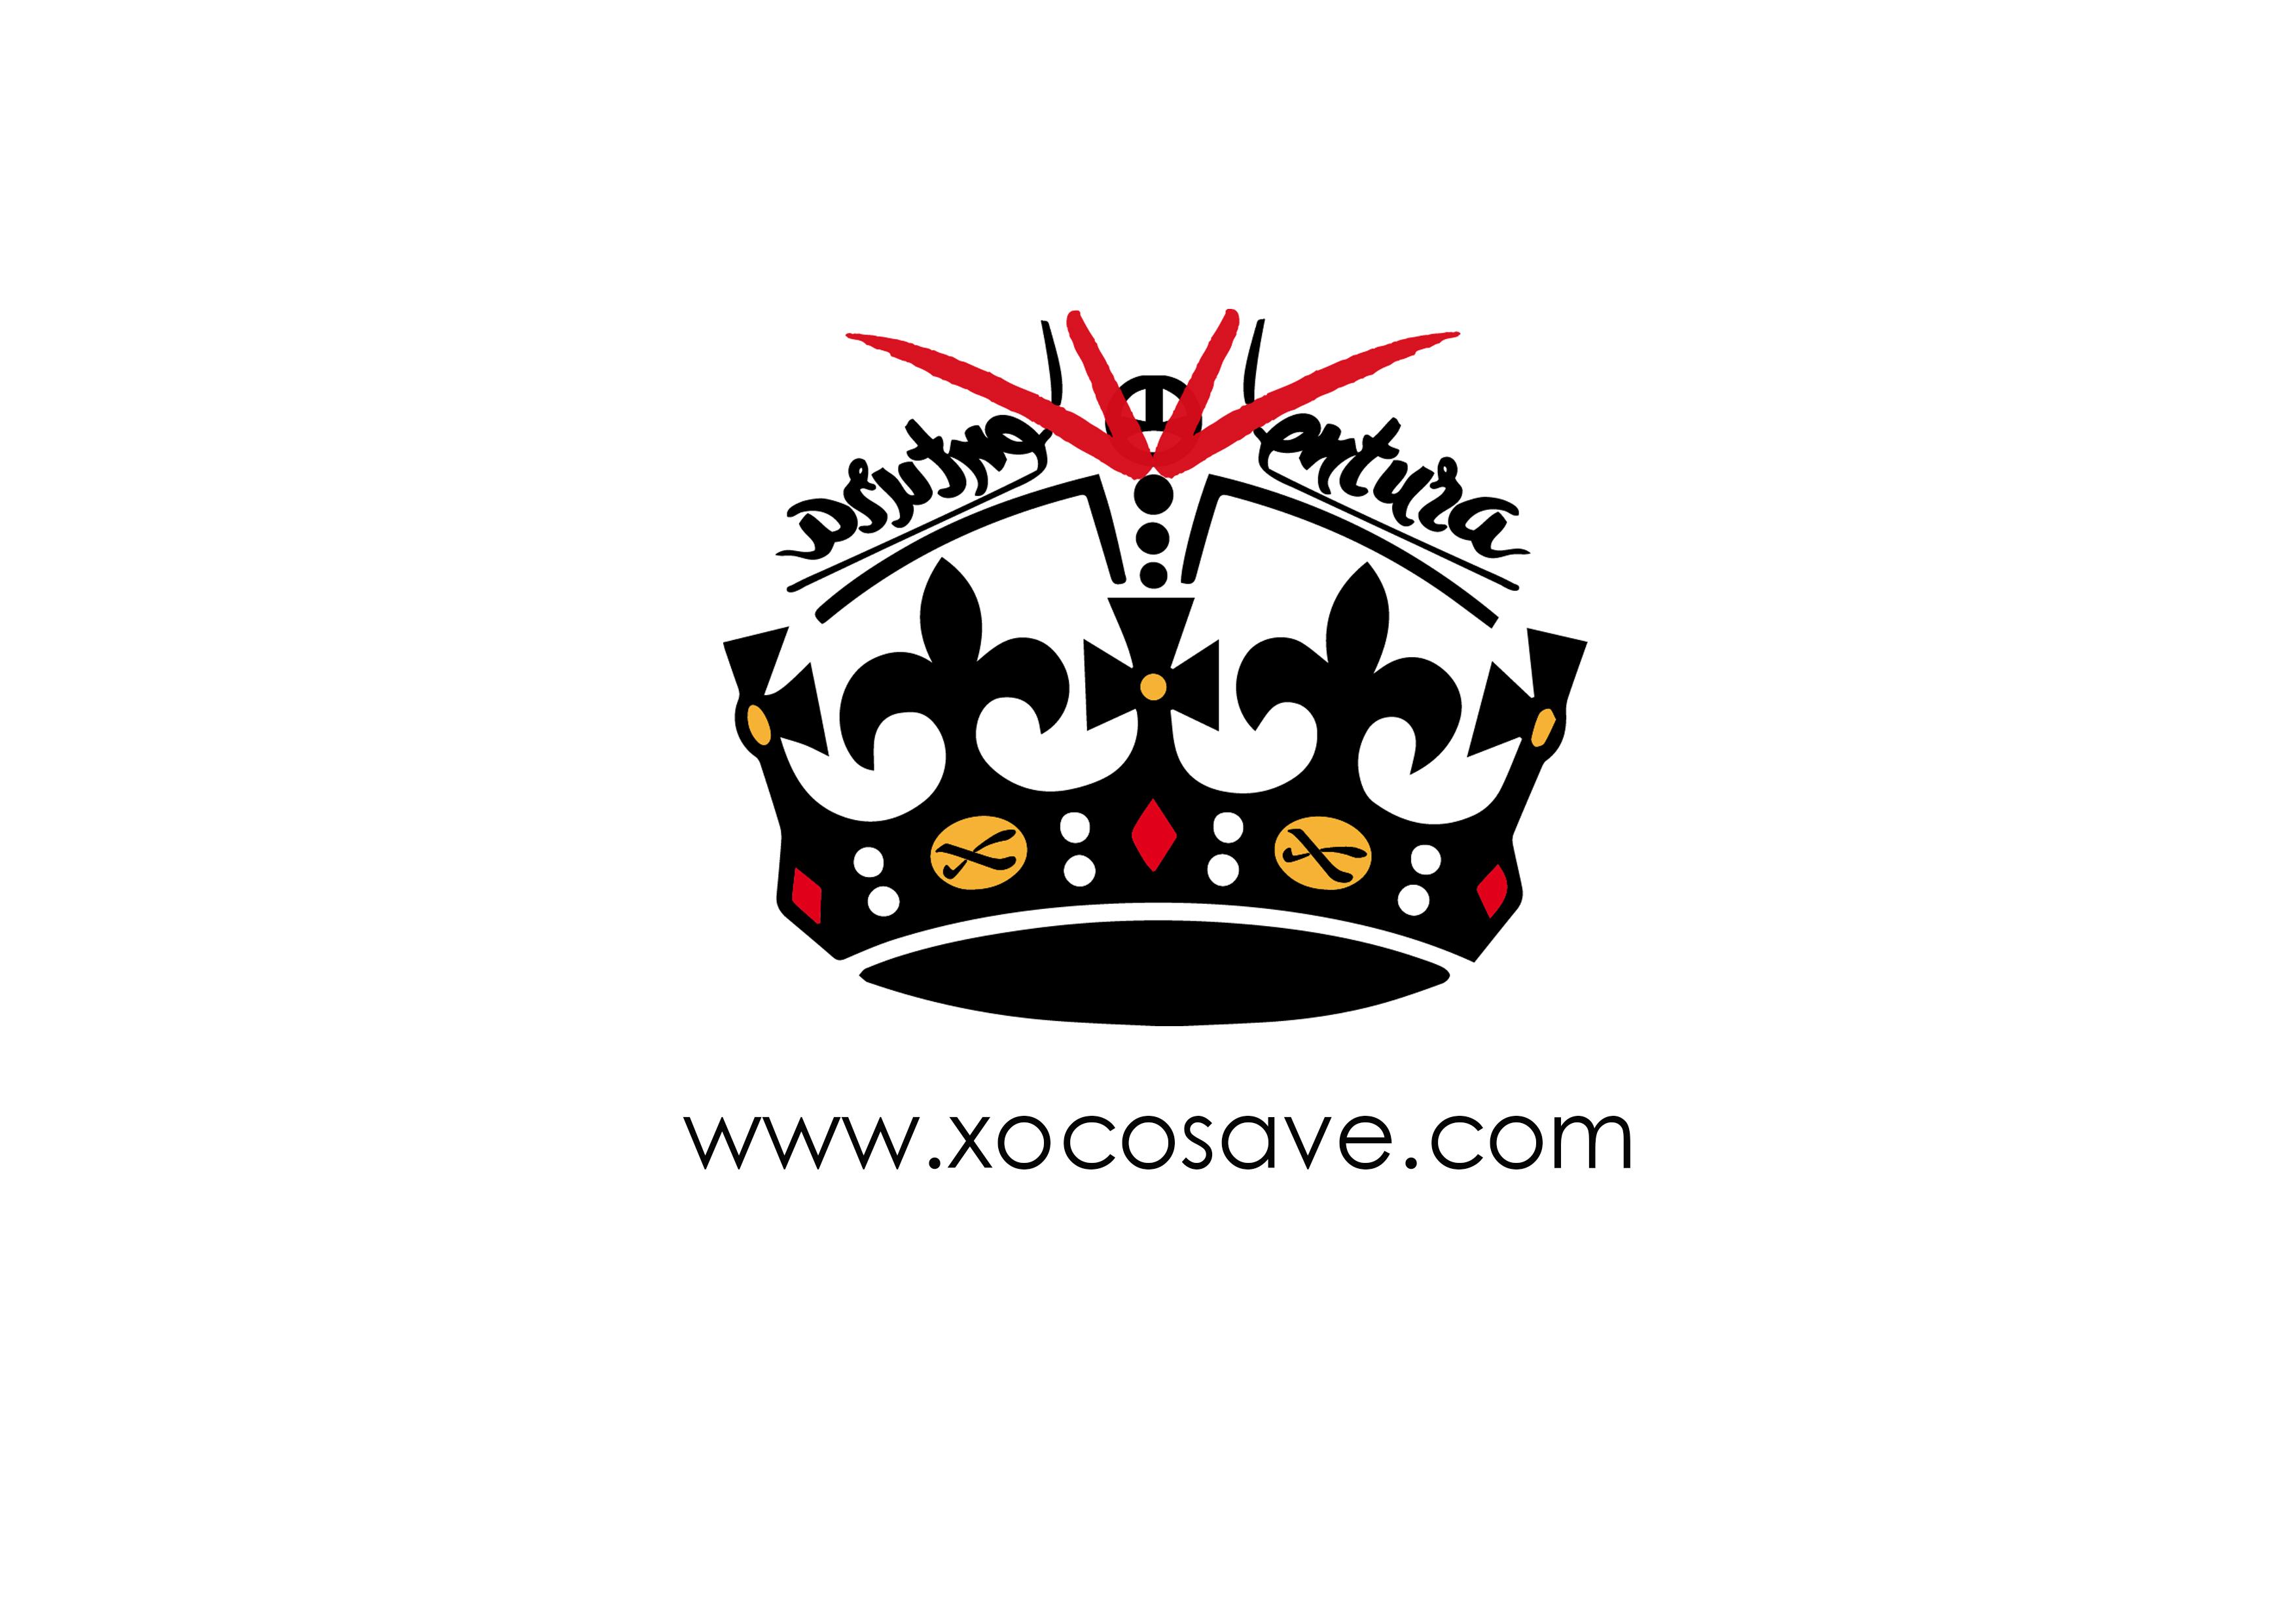 Corona Xocosave